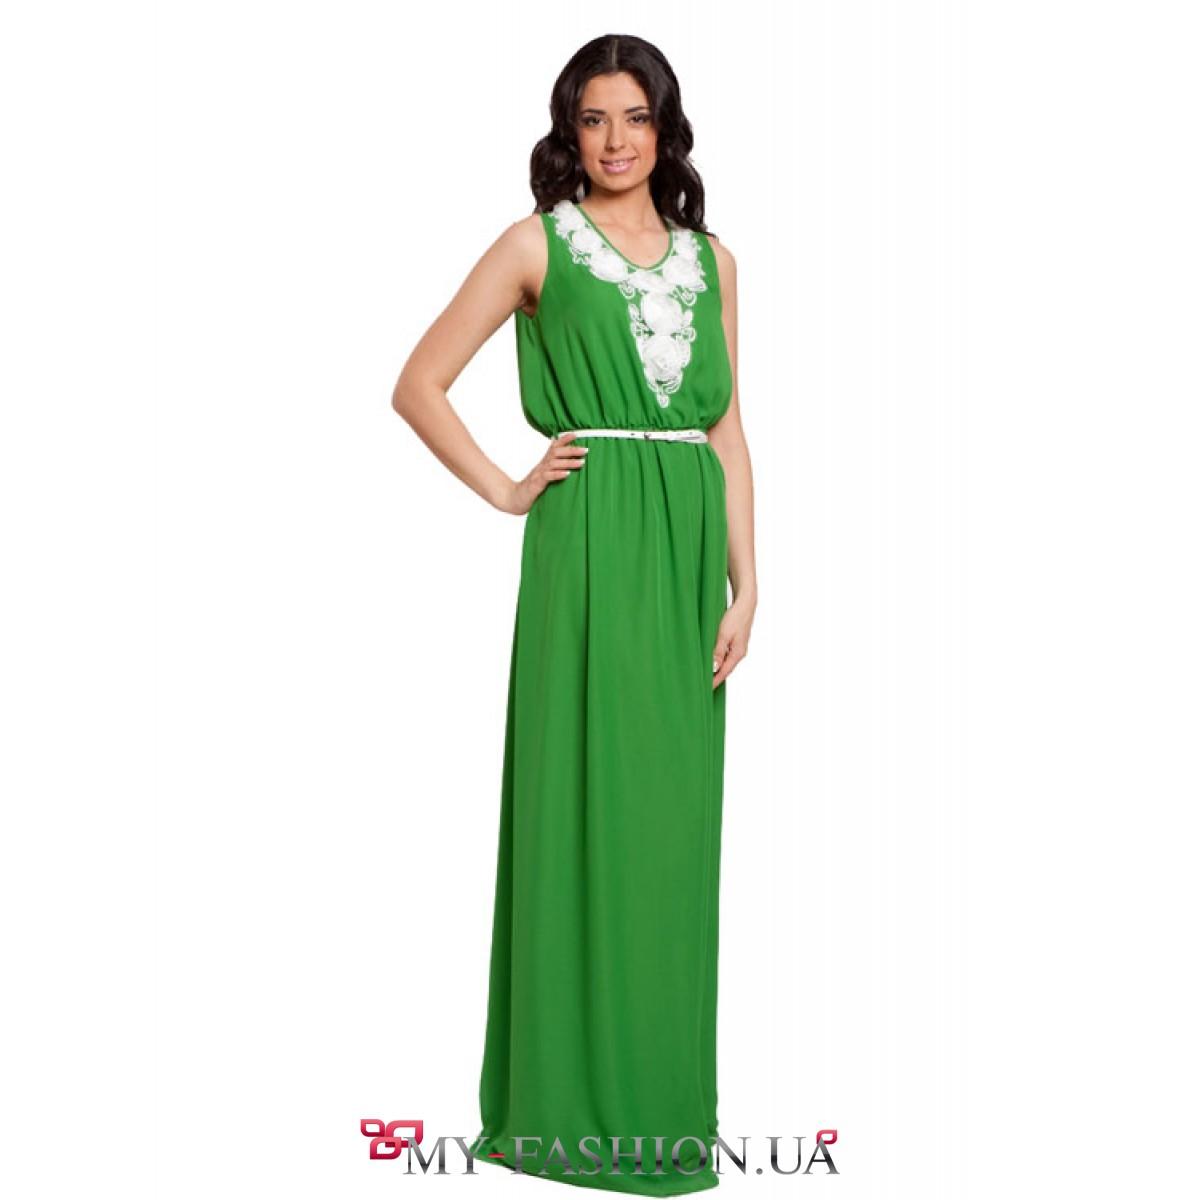 Длинное платье купить доставка